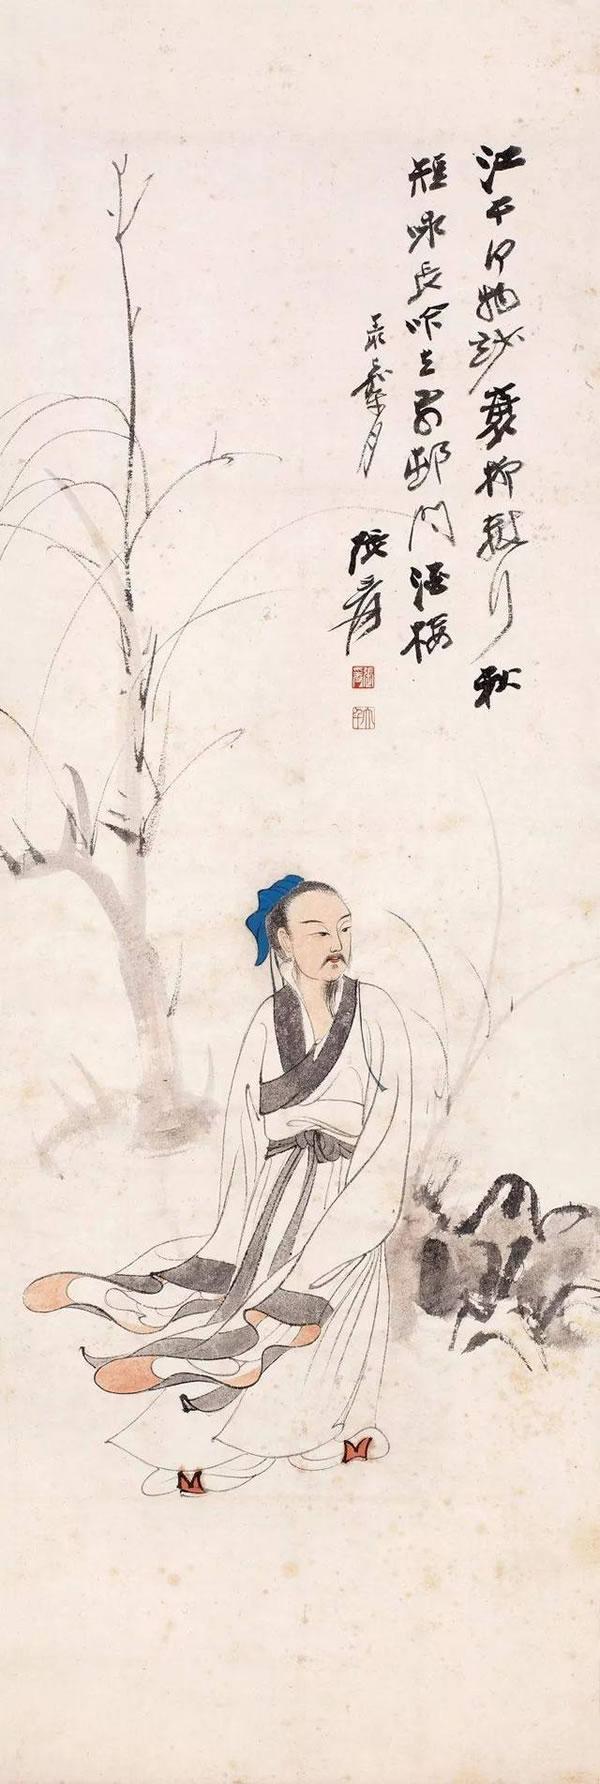 张大千 江干行吟图